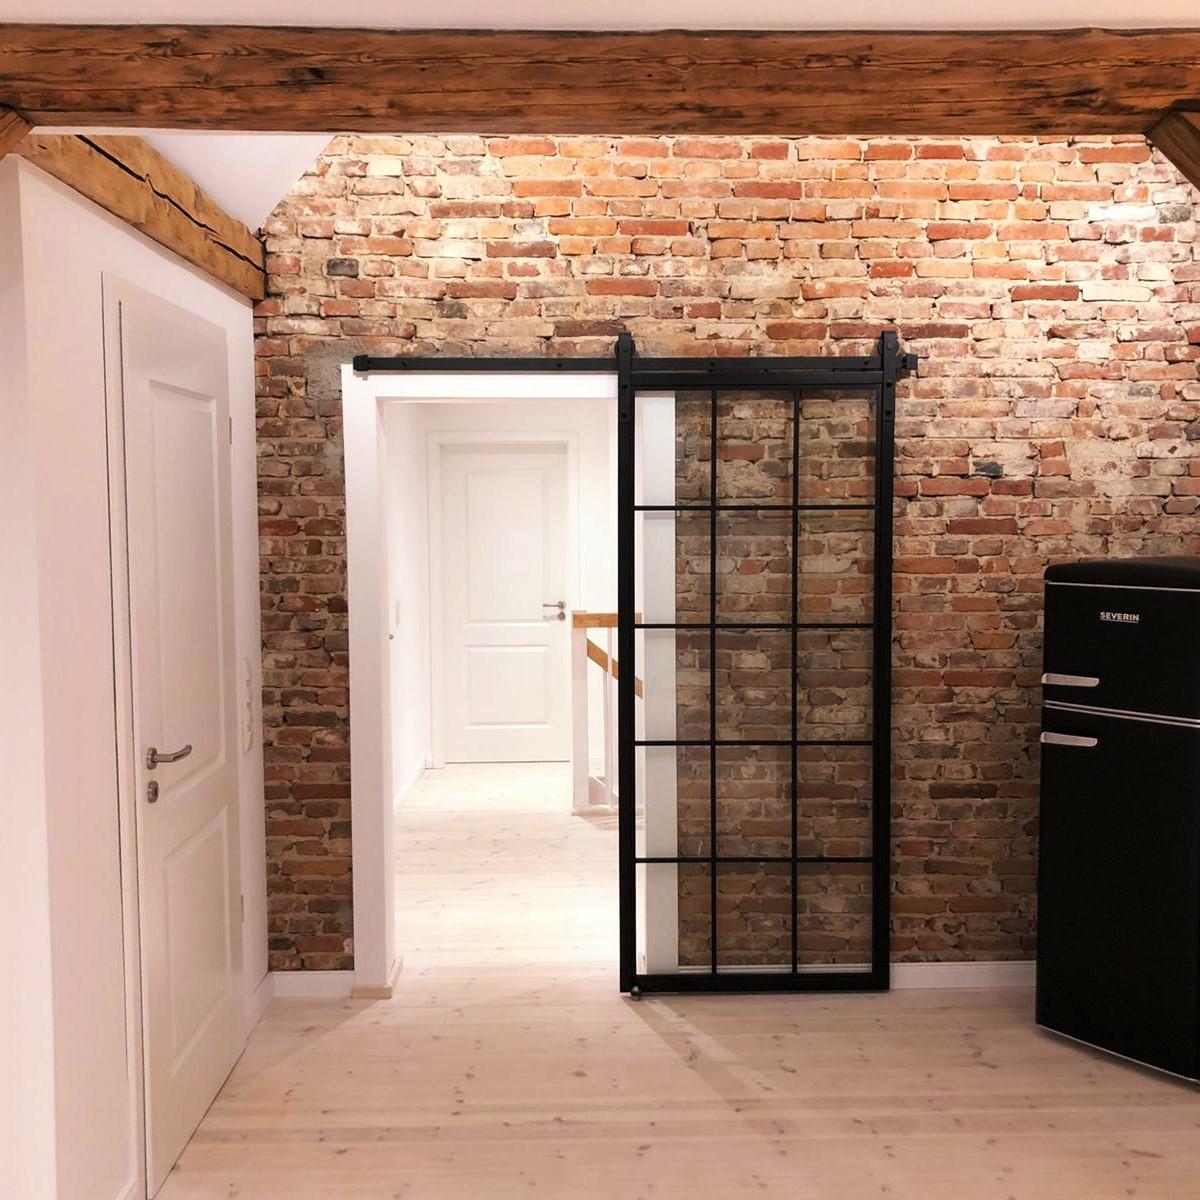 Schiebetür aus Metall und Glas - Loft Tür